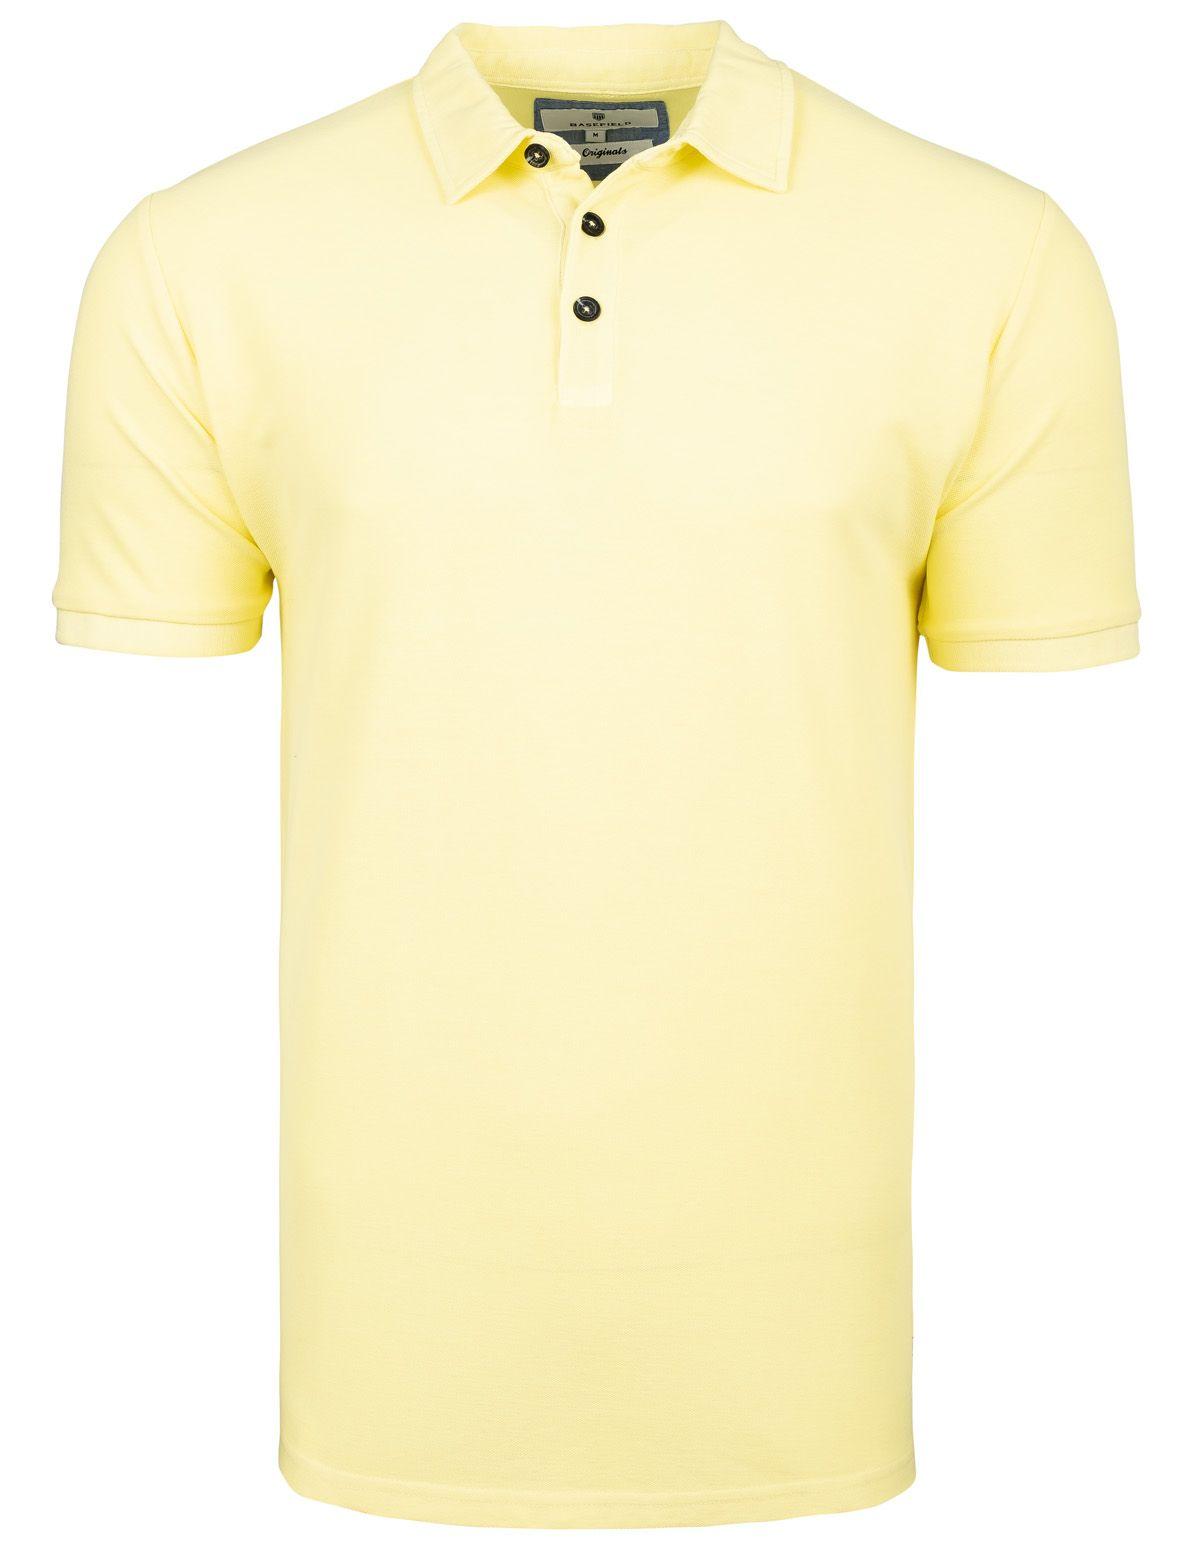 219013083-fresh-lemon__polo__all